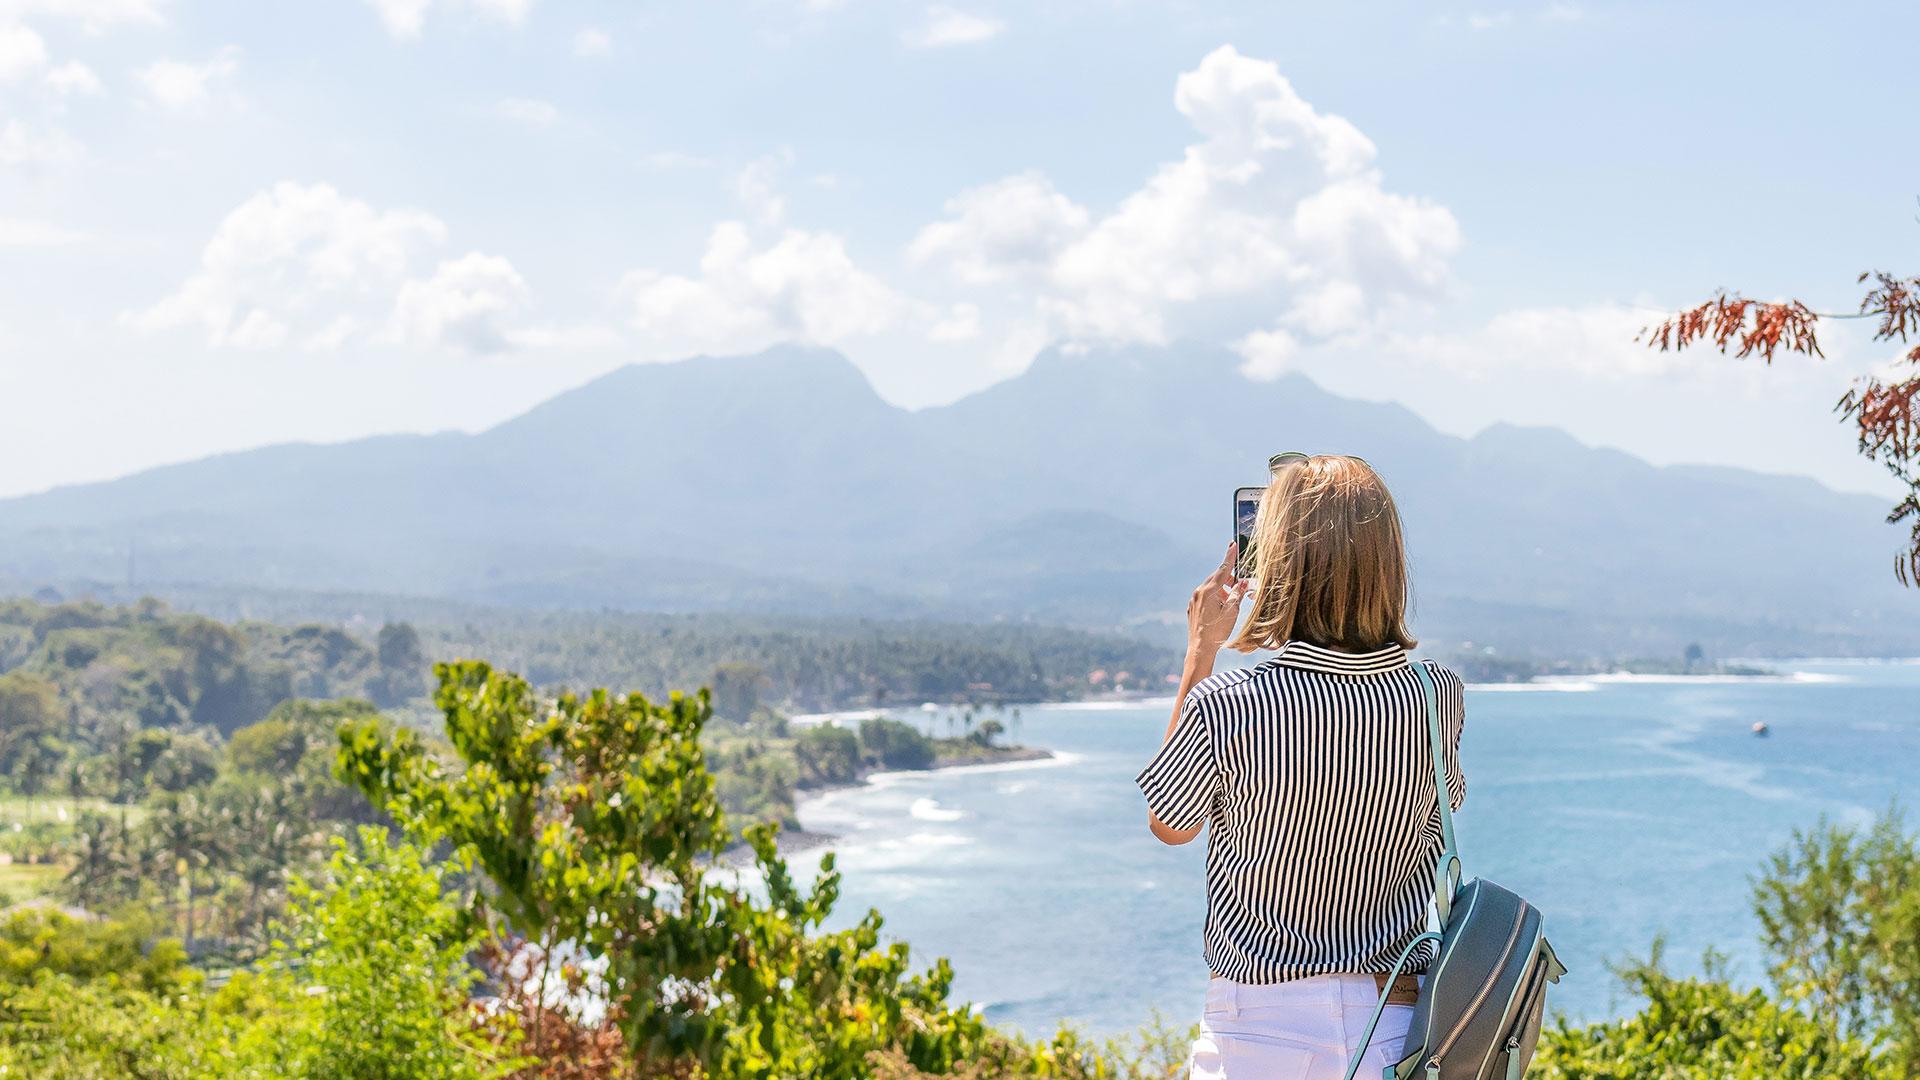 Brug en fotobog til at forevige dine rejseminder